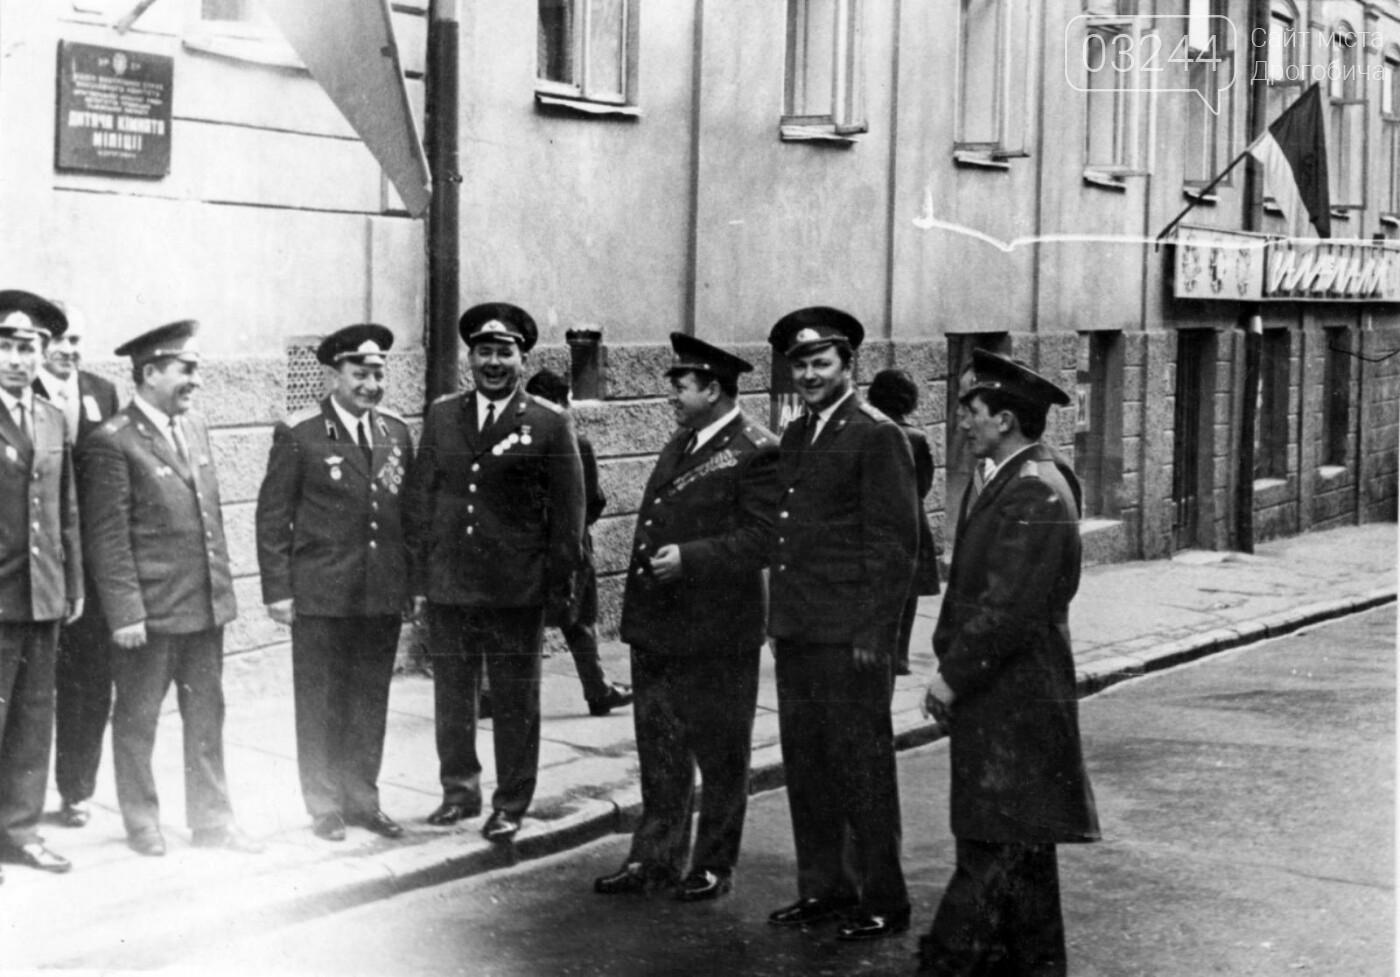 Історичний день: 30 років тому міліція Дрогобича одна з перших в СРСР присягнула на вірність Україні, фото-4